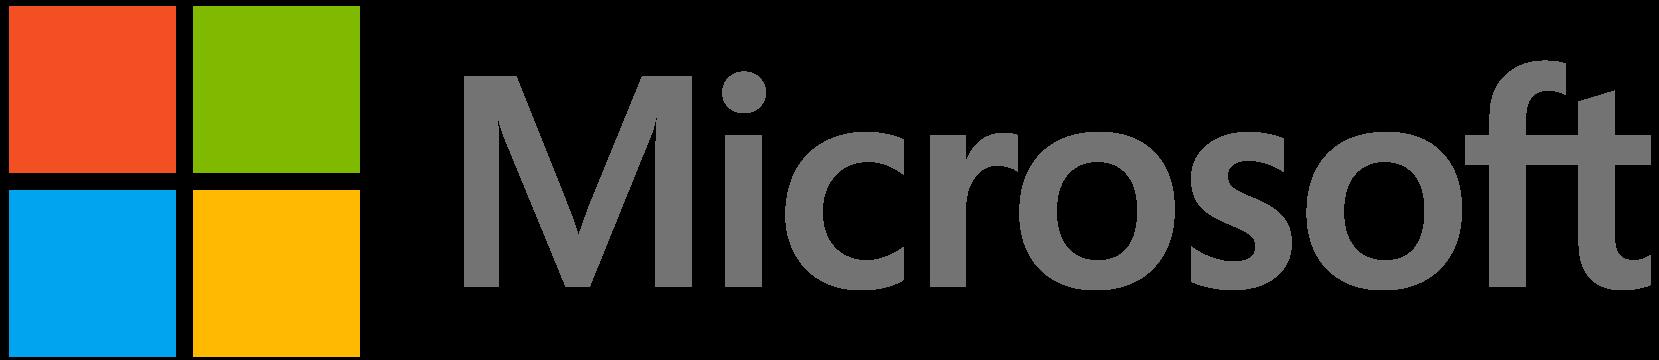 Microsoft hat sein Volontariat im Bereich Kommunikation von der DAPR zertifizieren lassen